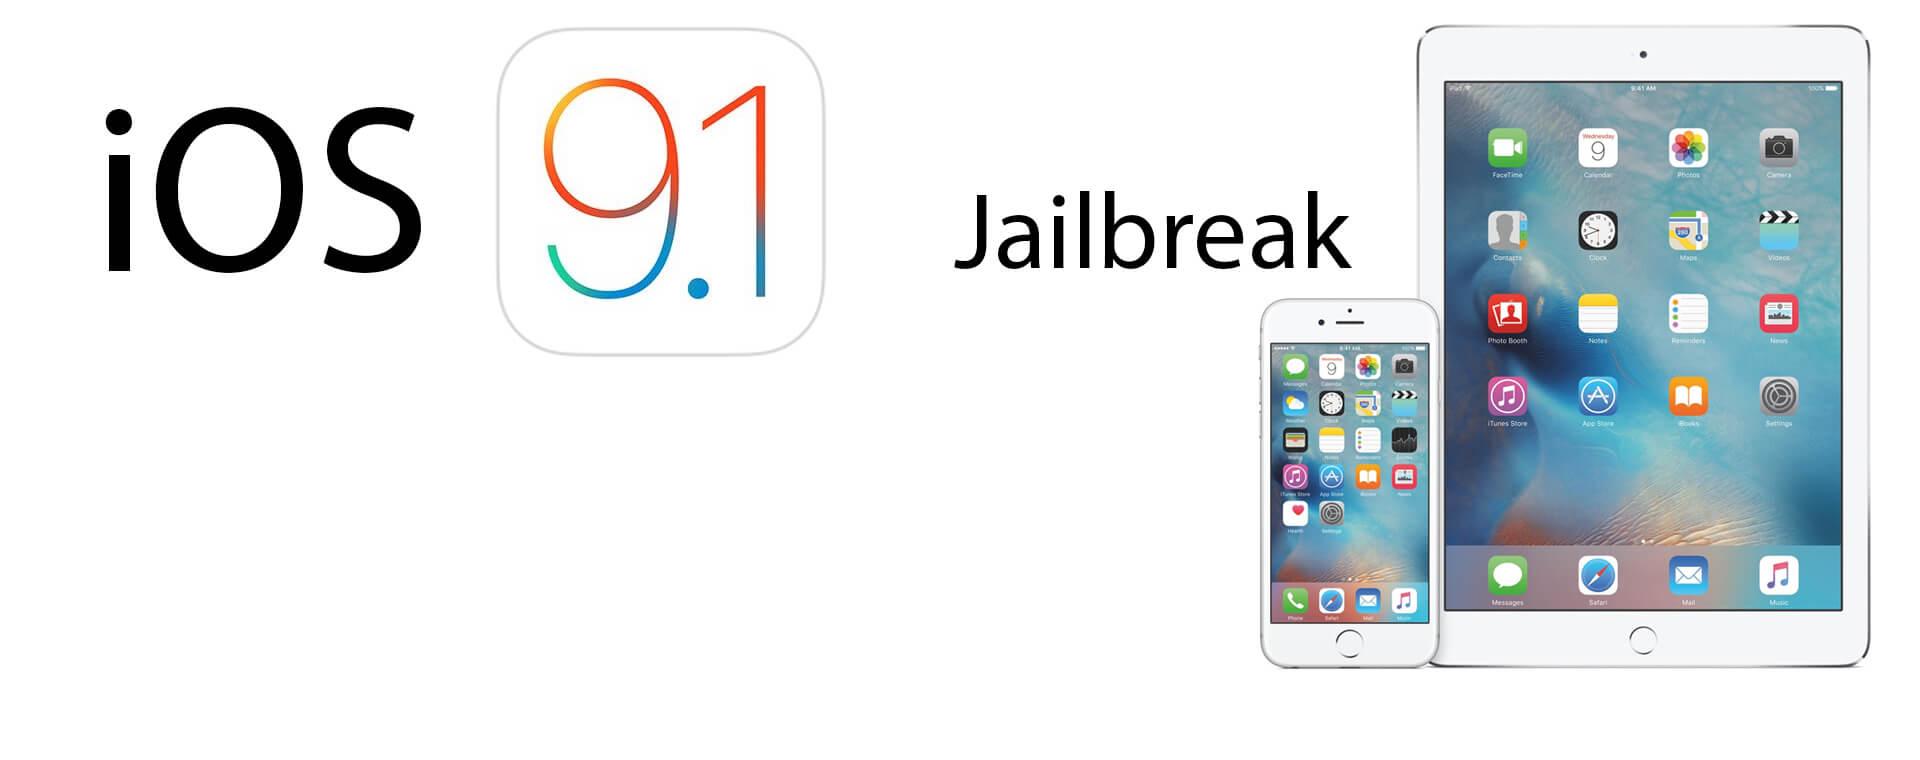 iOS-9.1-Jailbroken